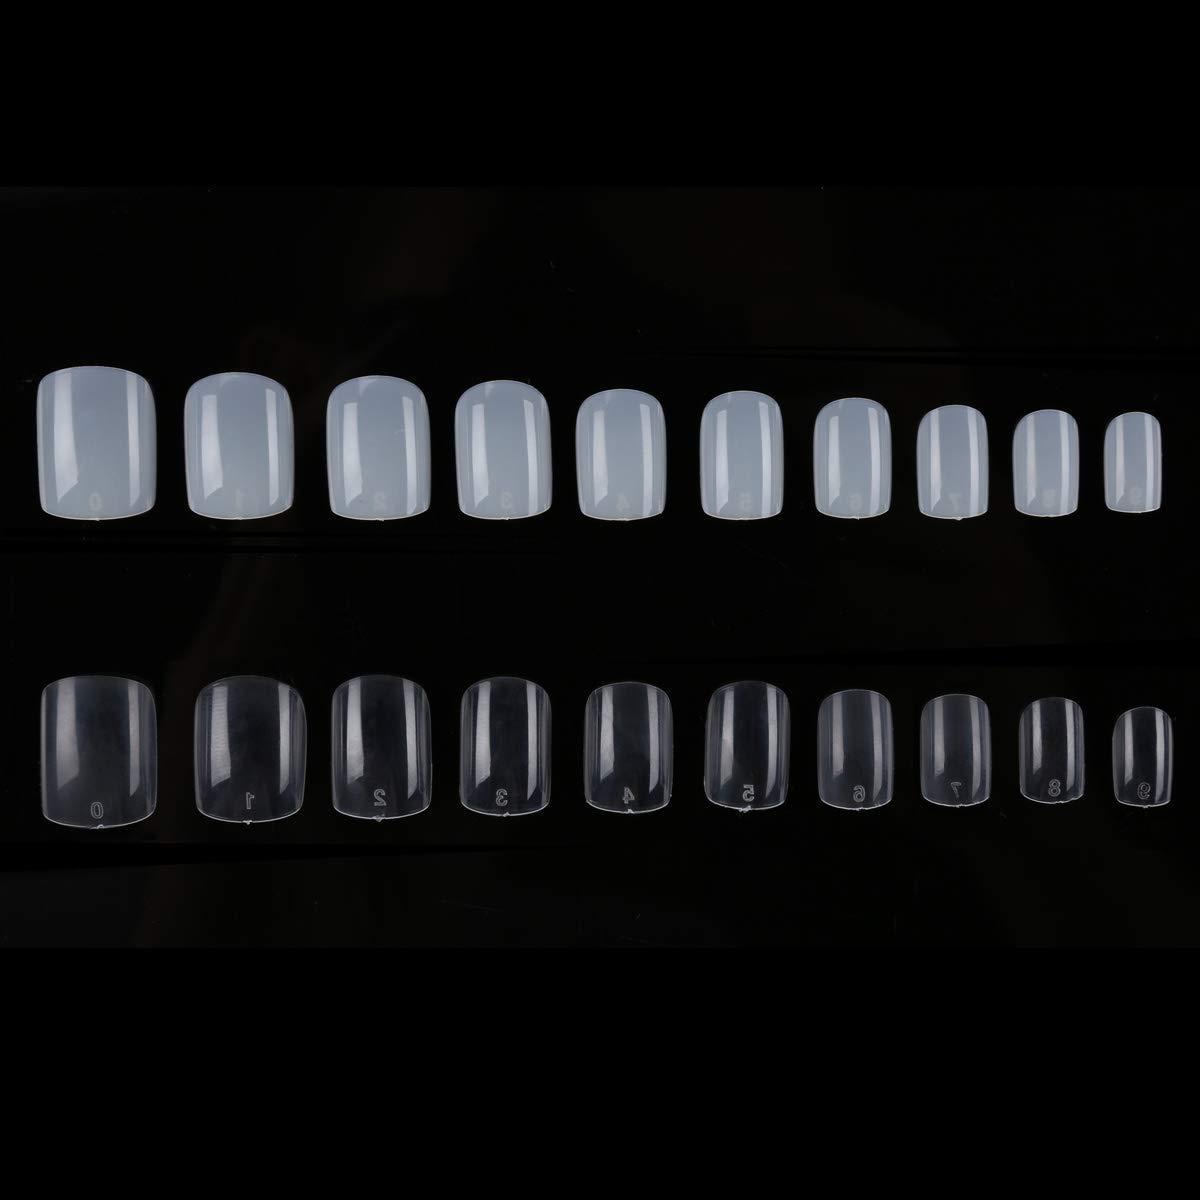 1200 uñas postizas de forma cuadrada corta, transparentes, de 10 tamaños, para cubrir uñas postizas, para salones de uñas y bricolaje, 600 unidades de color ...